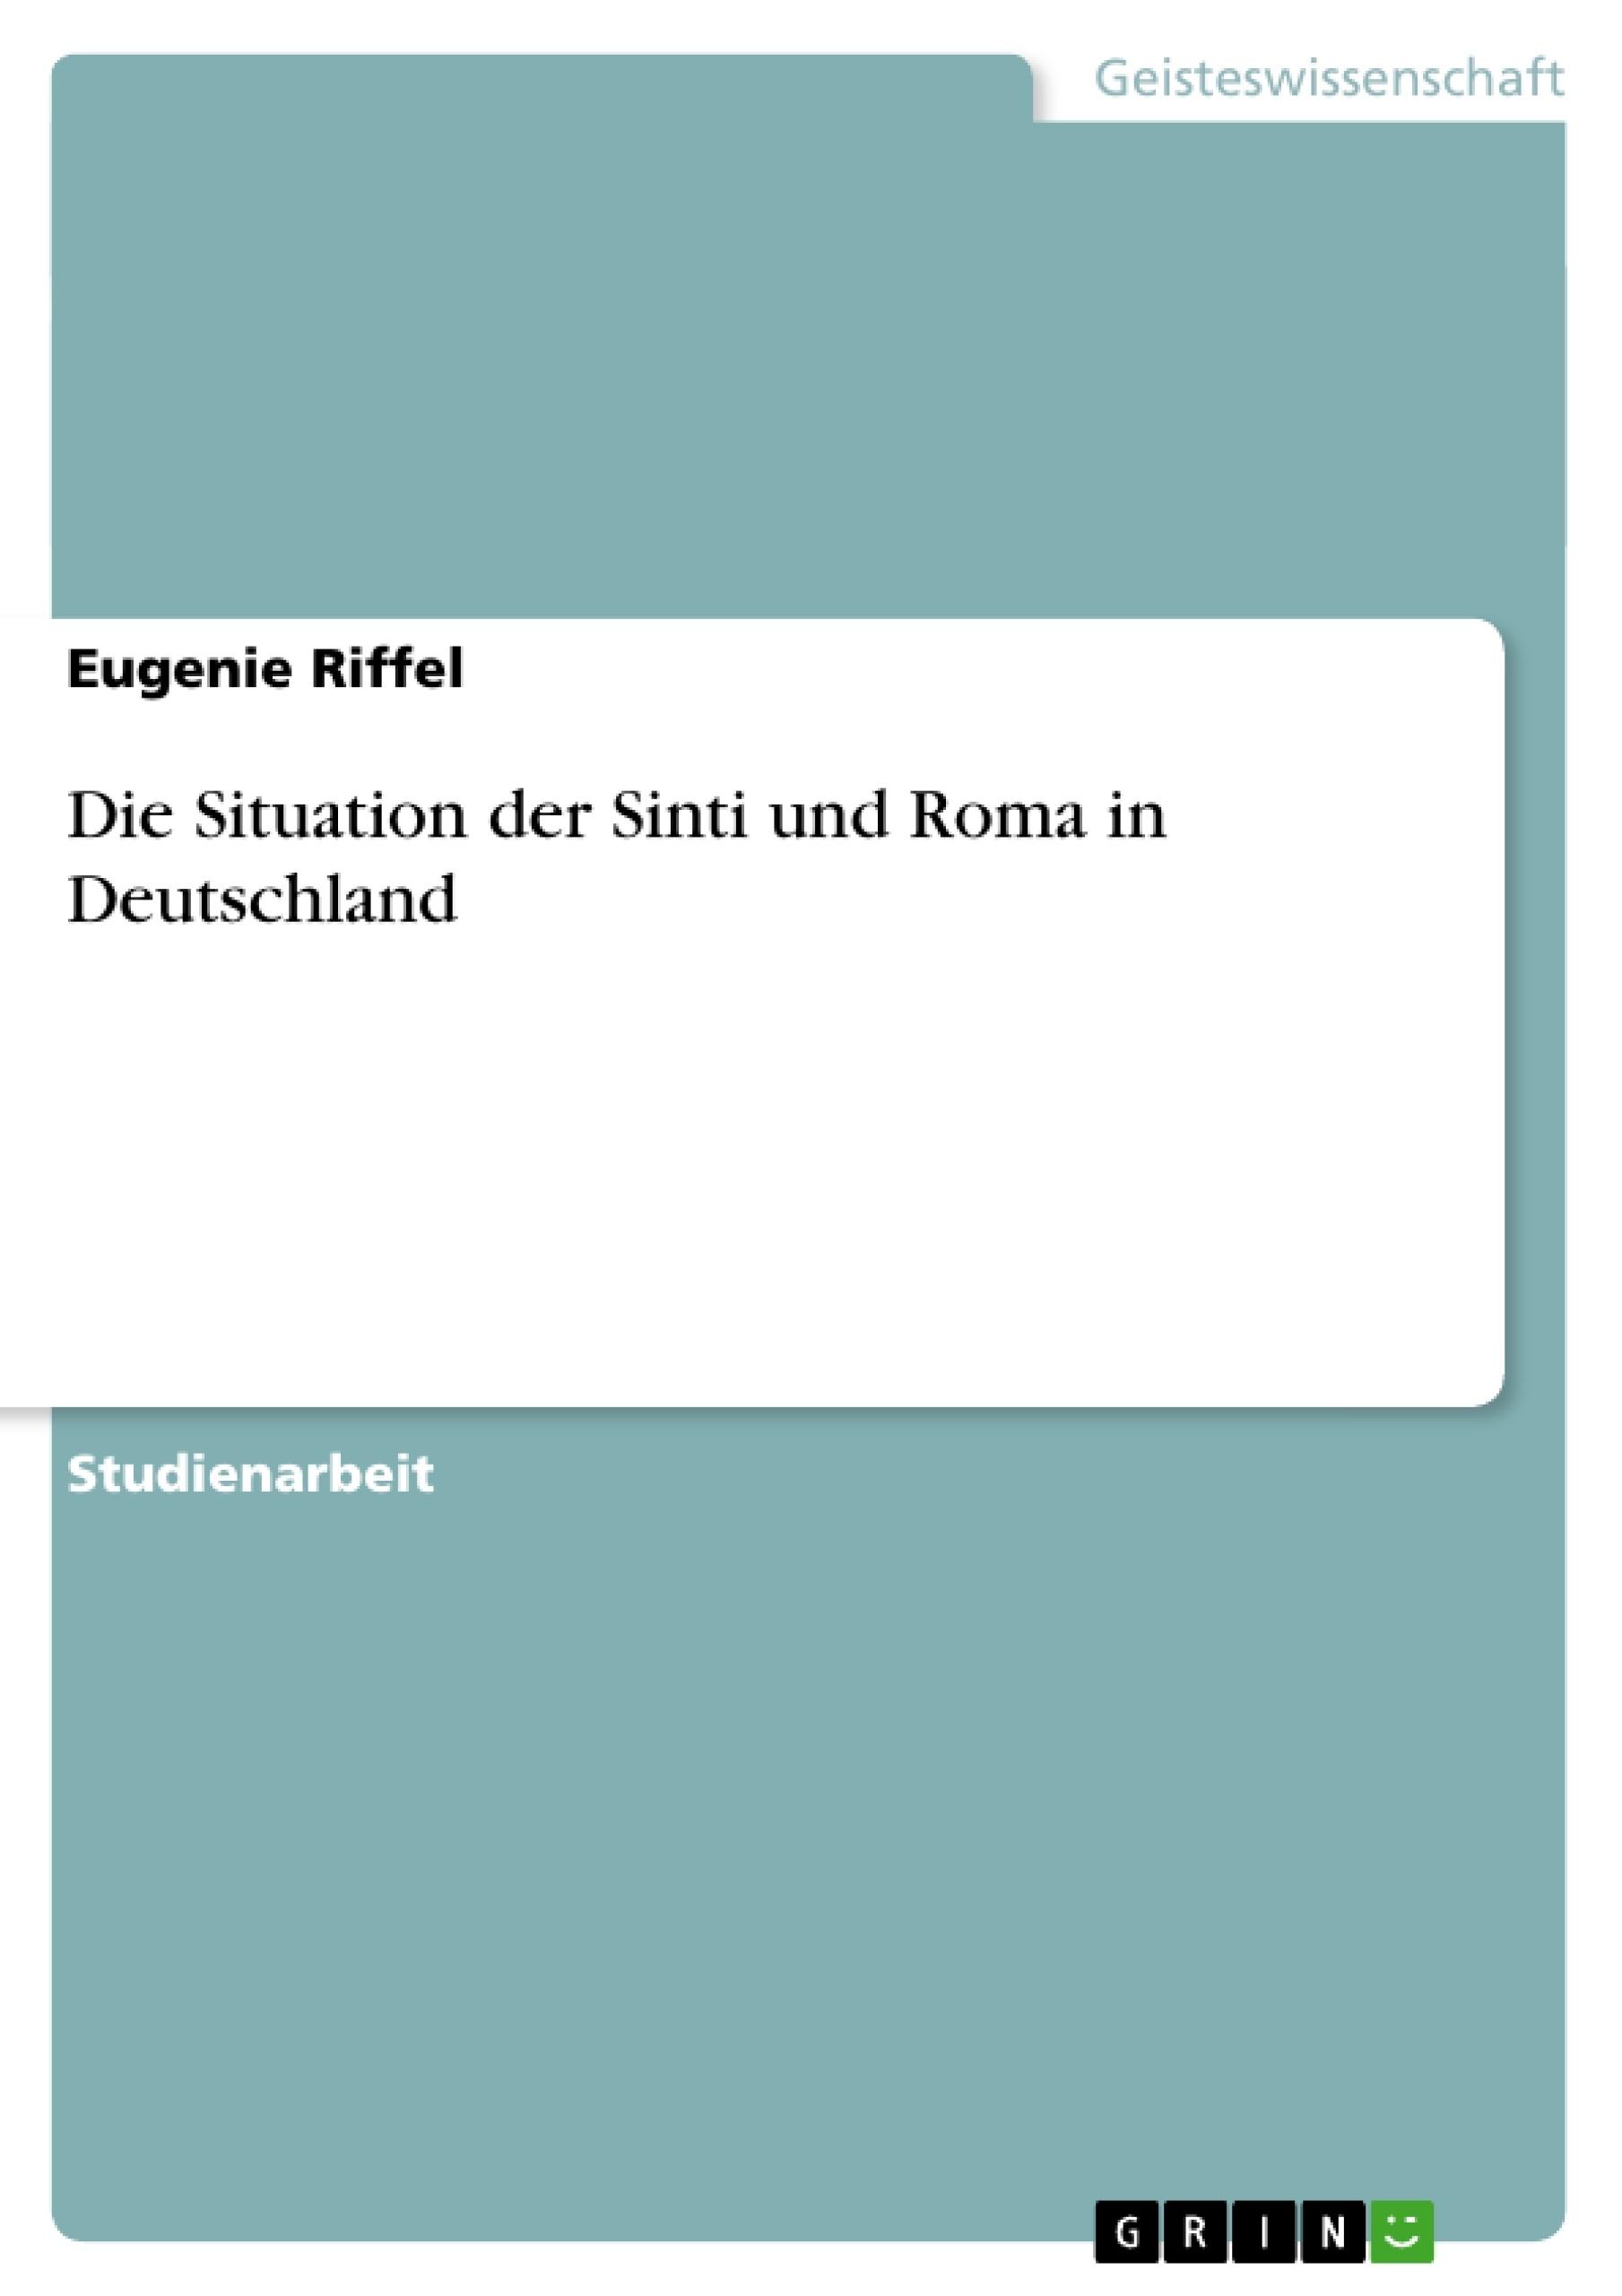 Titel: Die Situation der Sinti und Roma in Deutschland